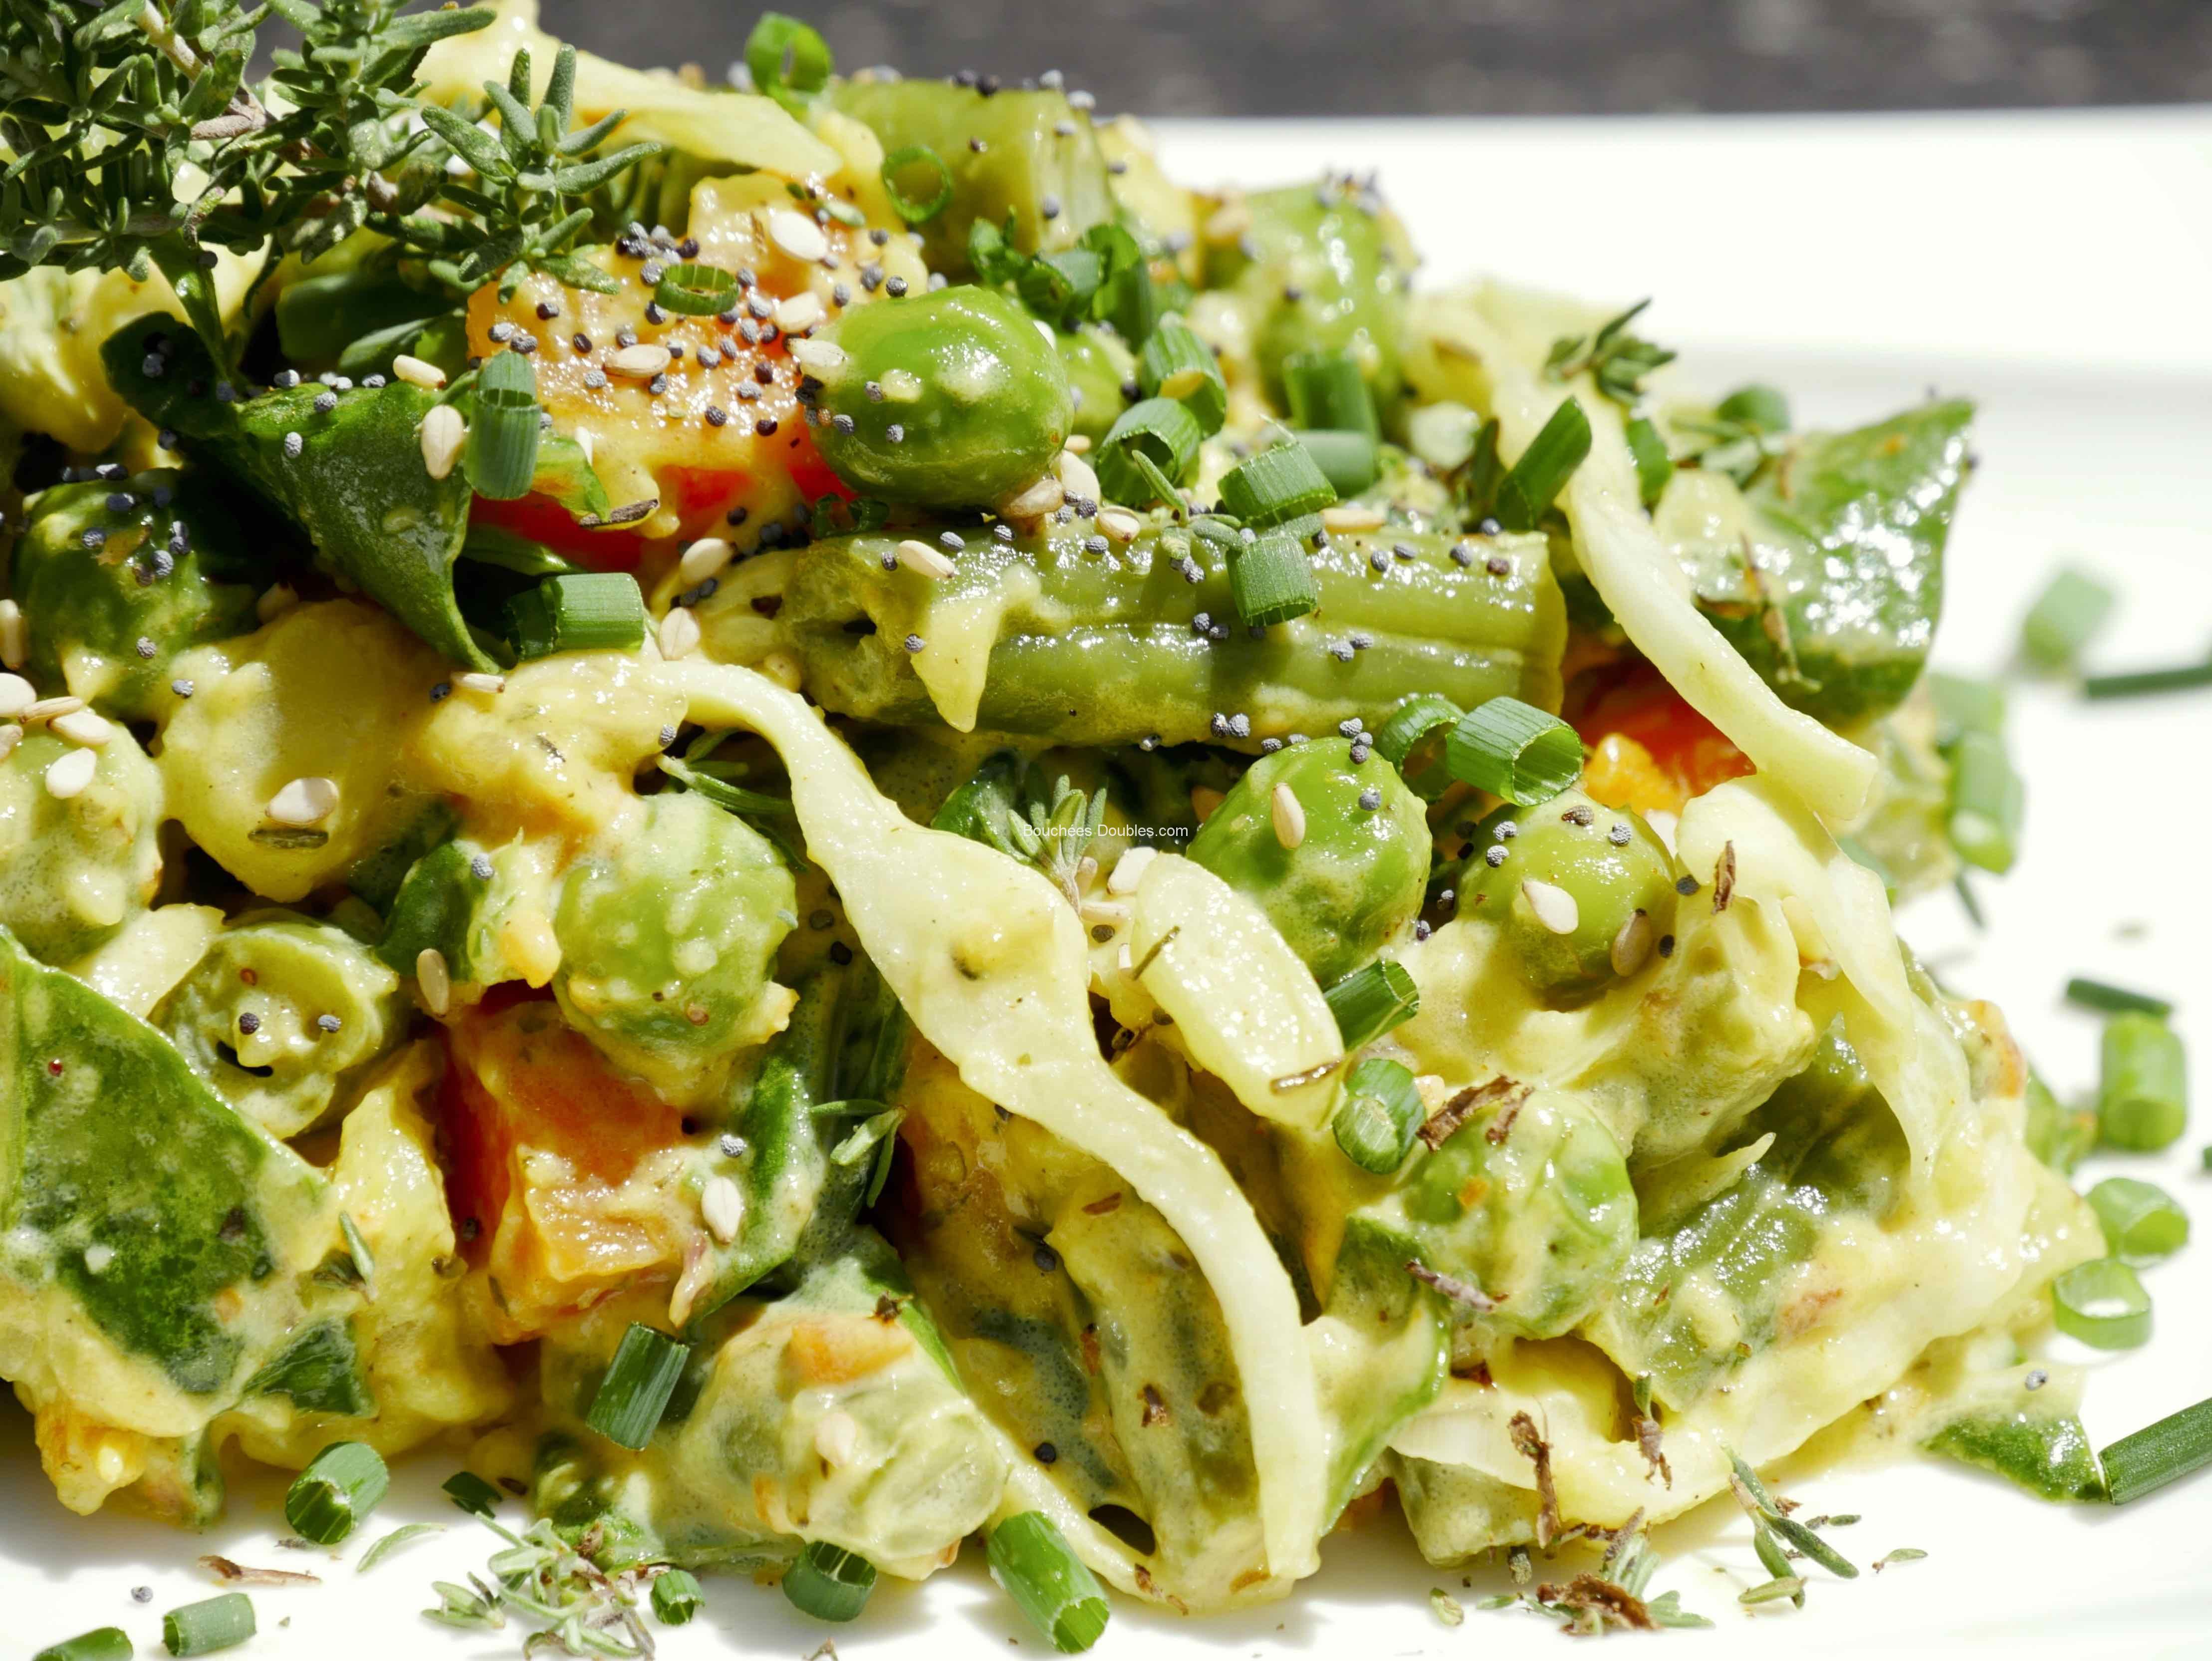 Recette alcaline 7 légumes au tahiné